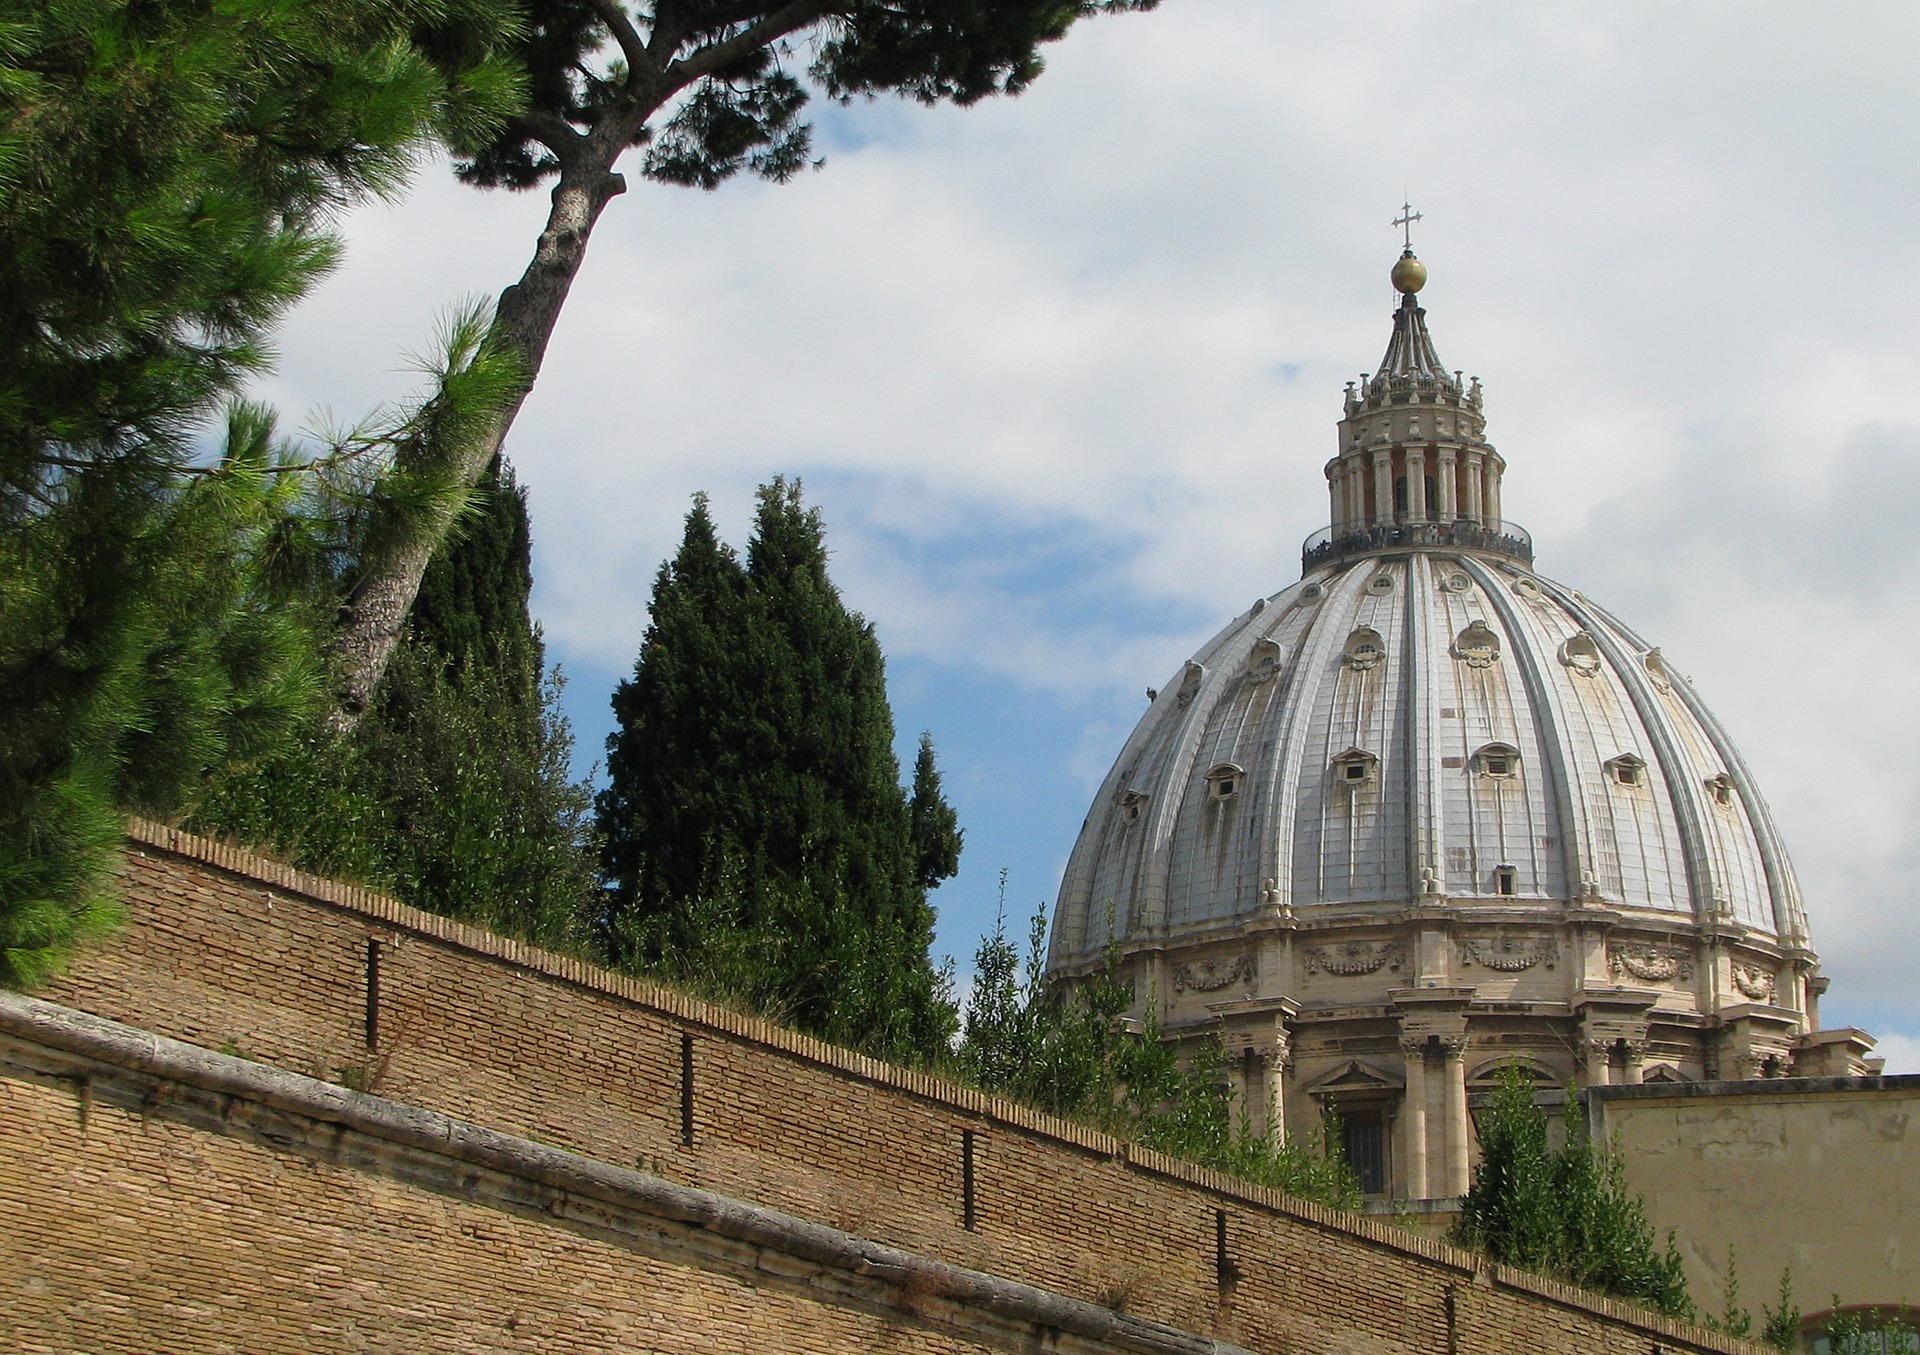 vatikan gezilecek yerler 1